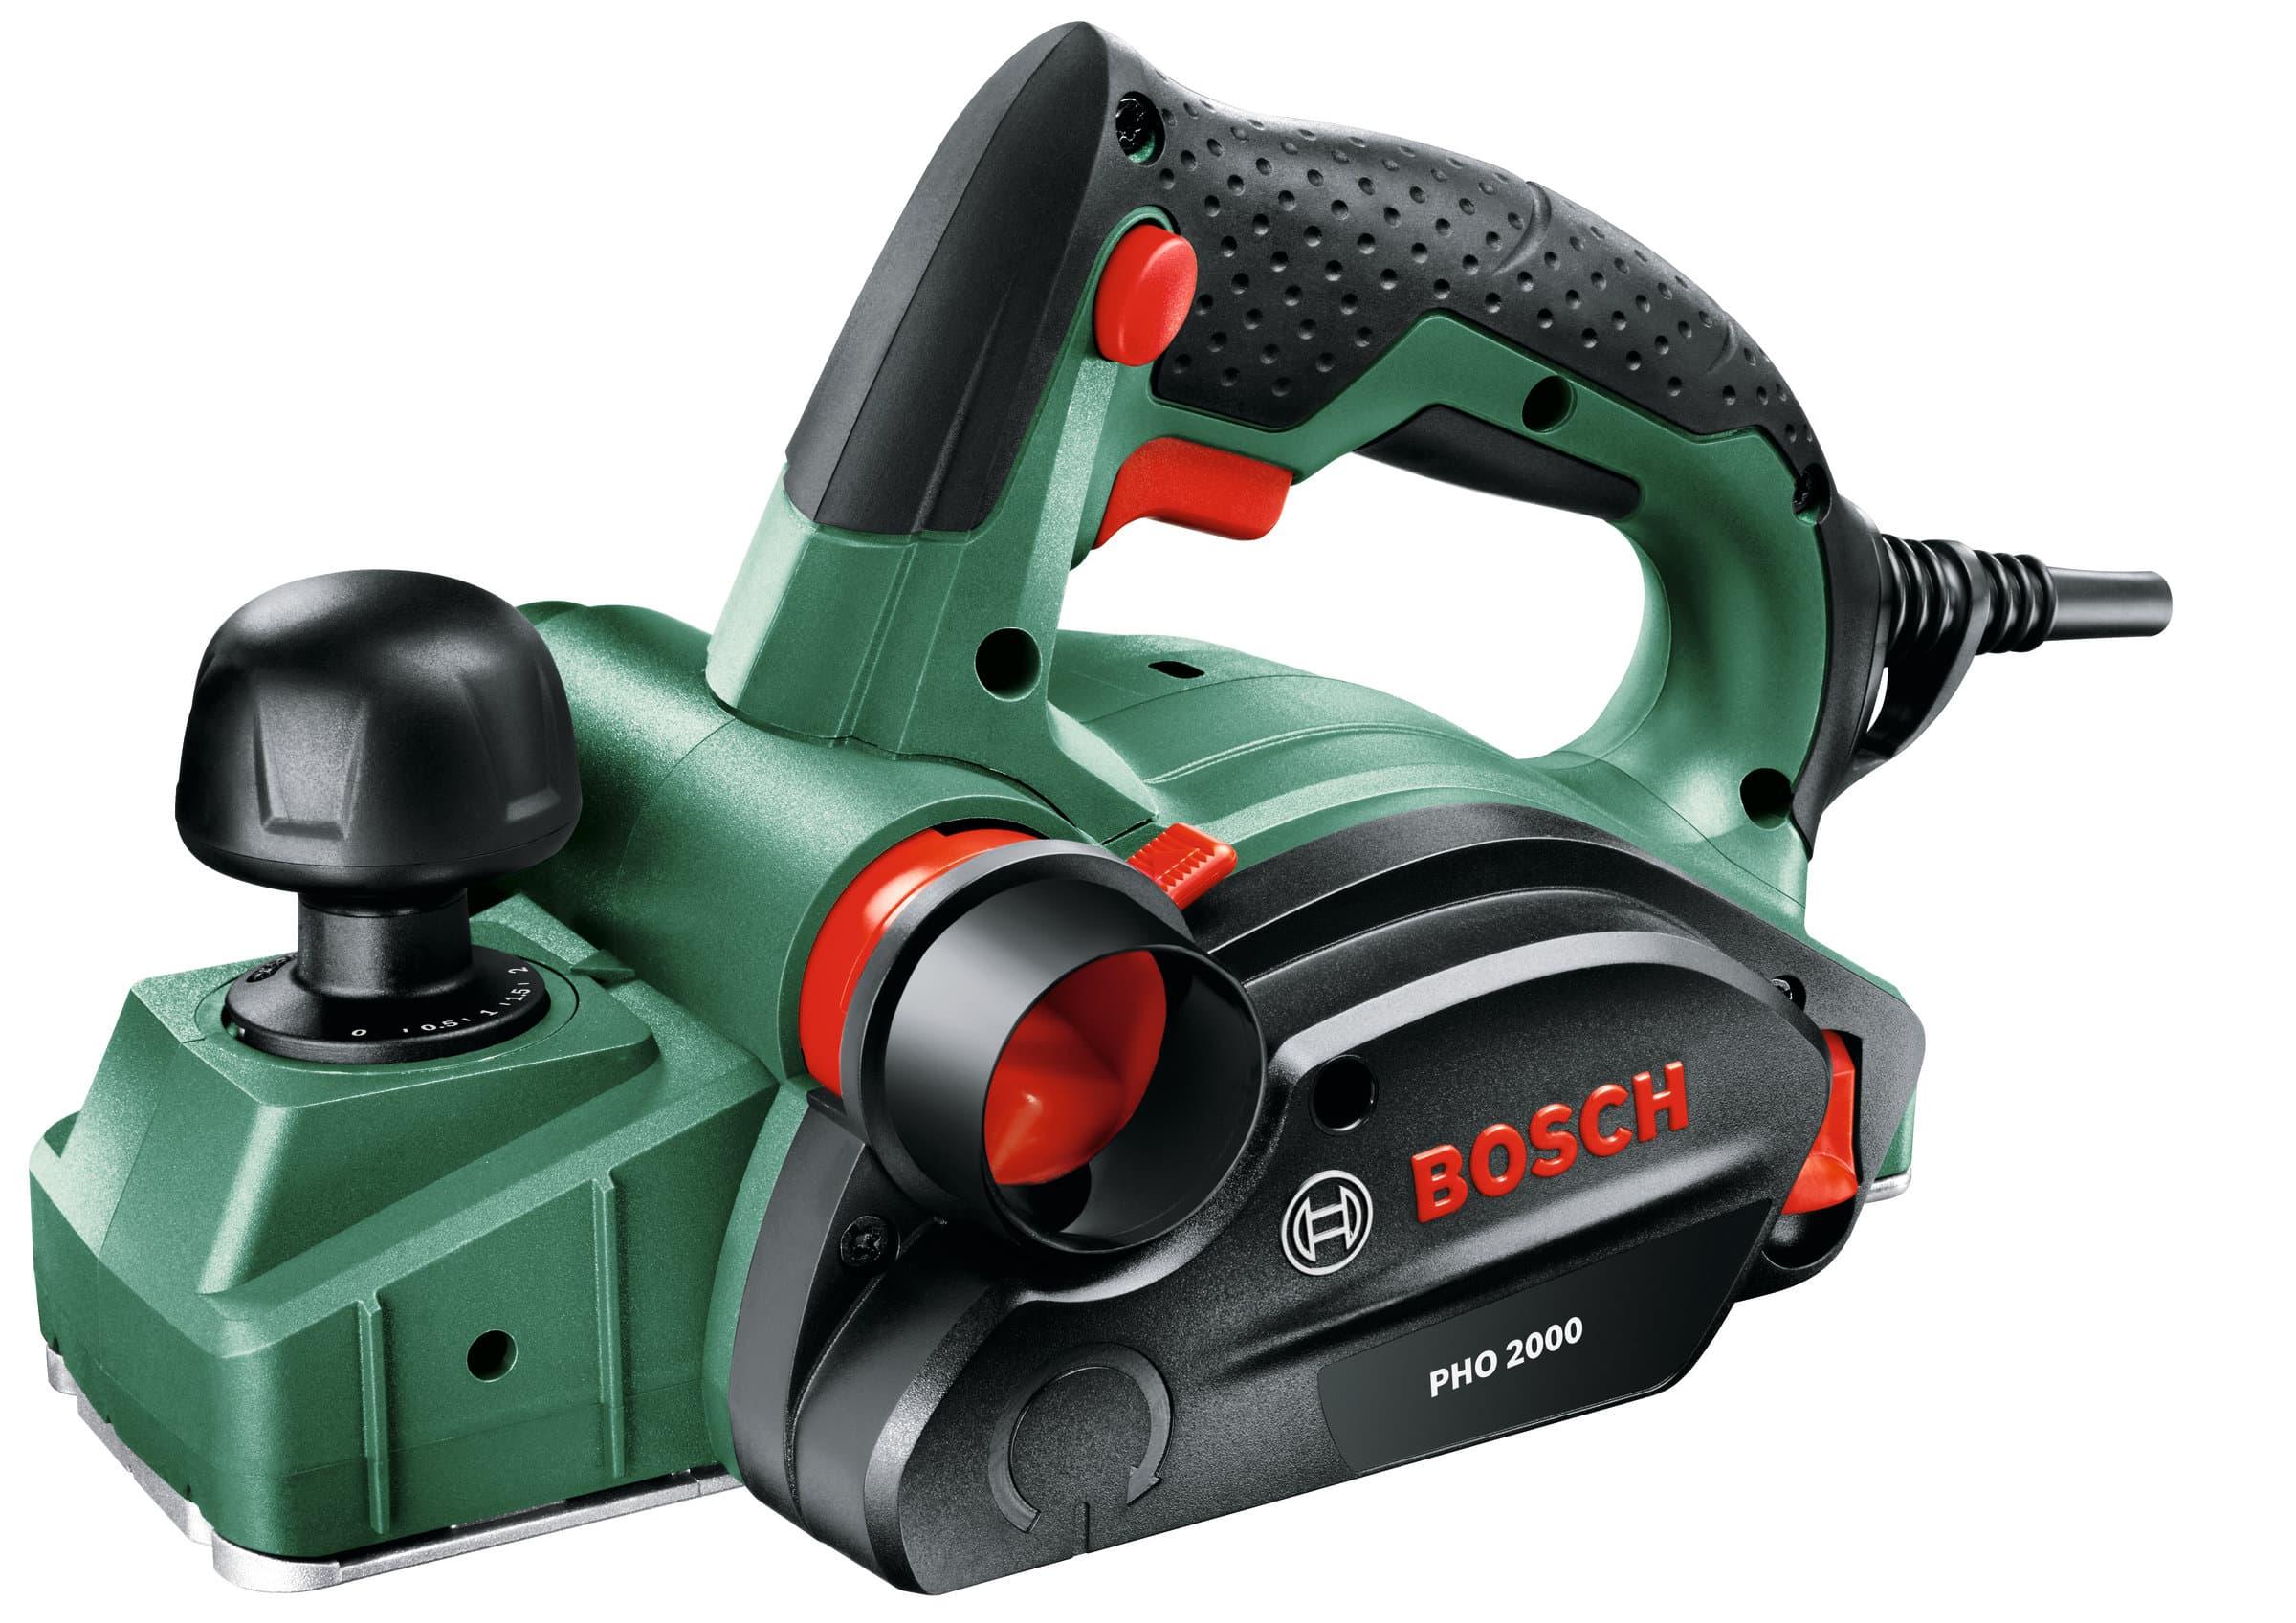 Bosch Rabot PHO 2000